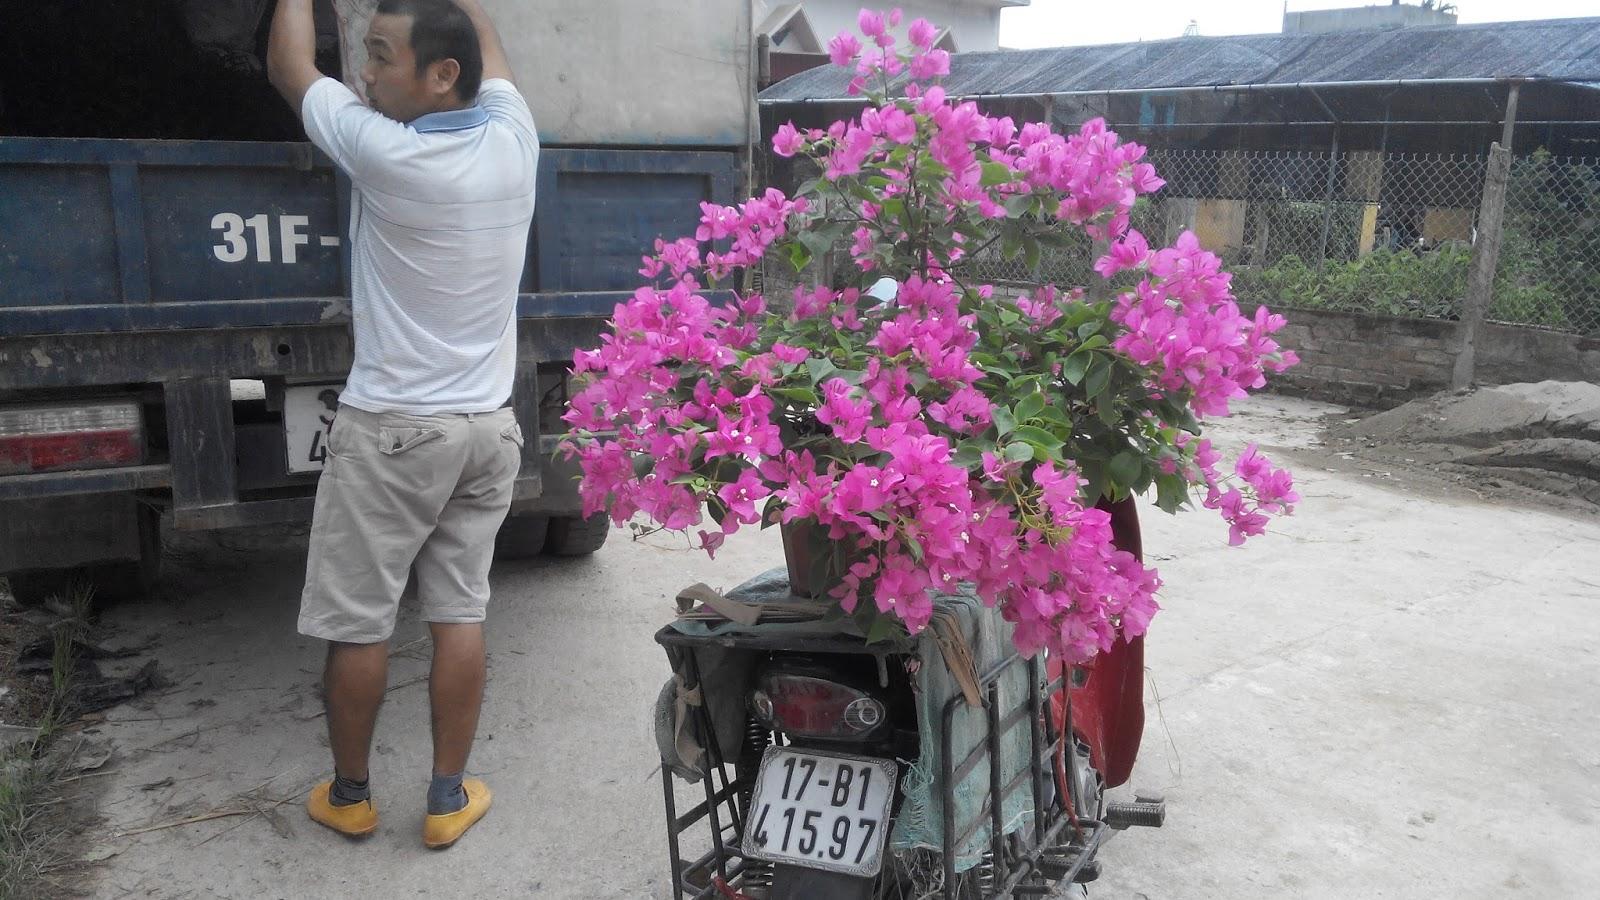 cây-hoa-giấy-đô-thị Bán Cây Hoa Giấy Đô Thị